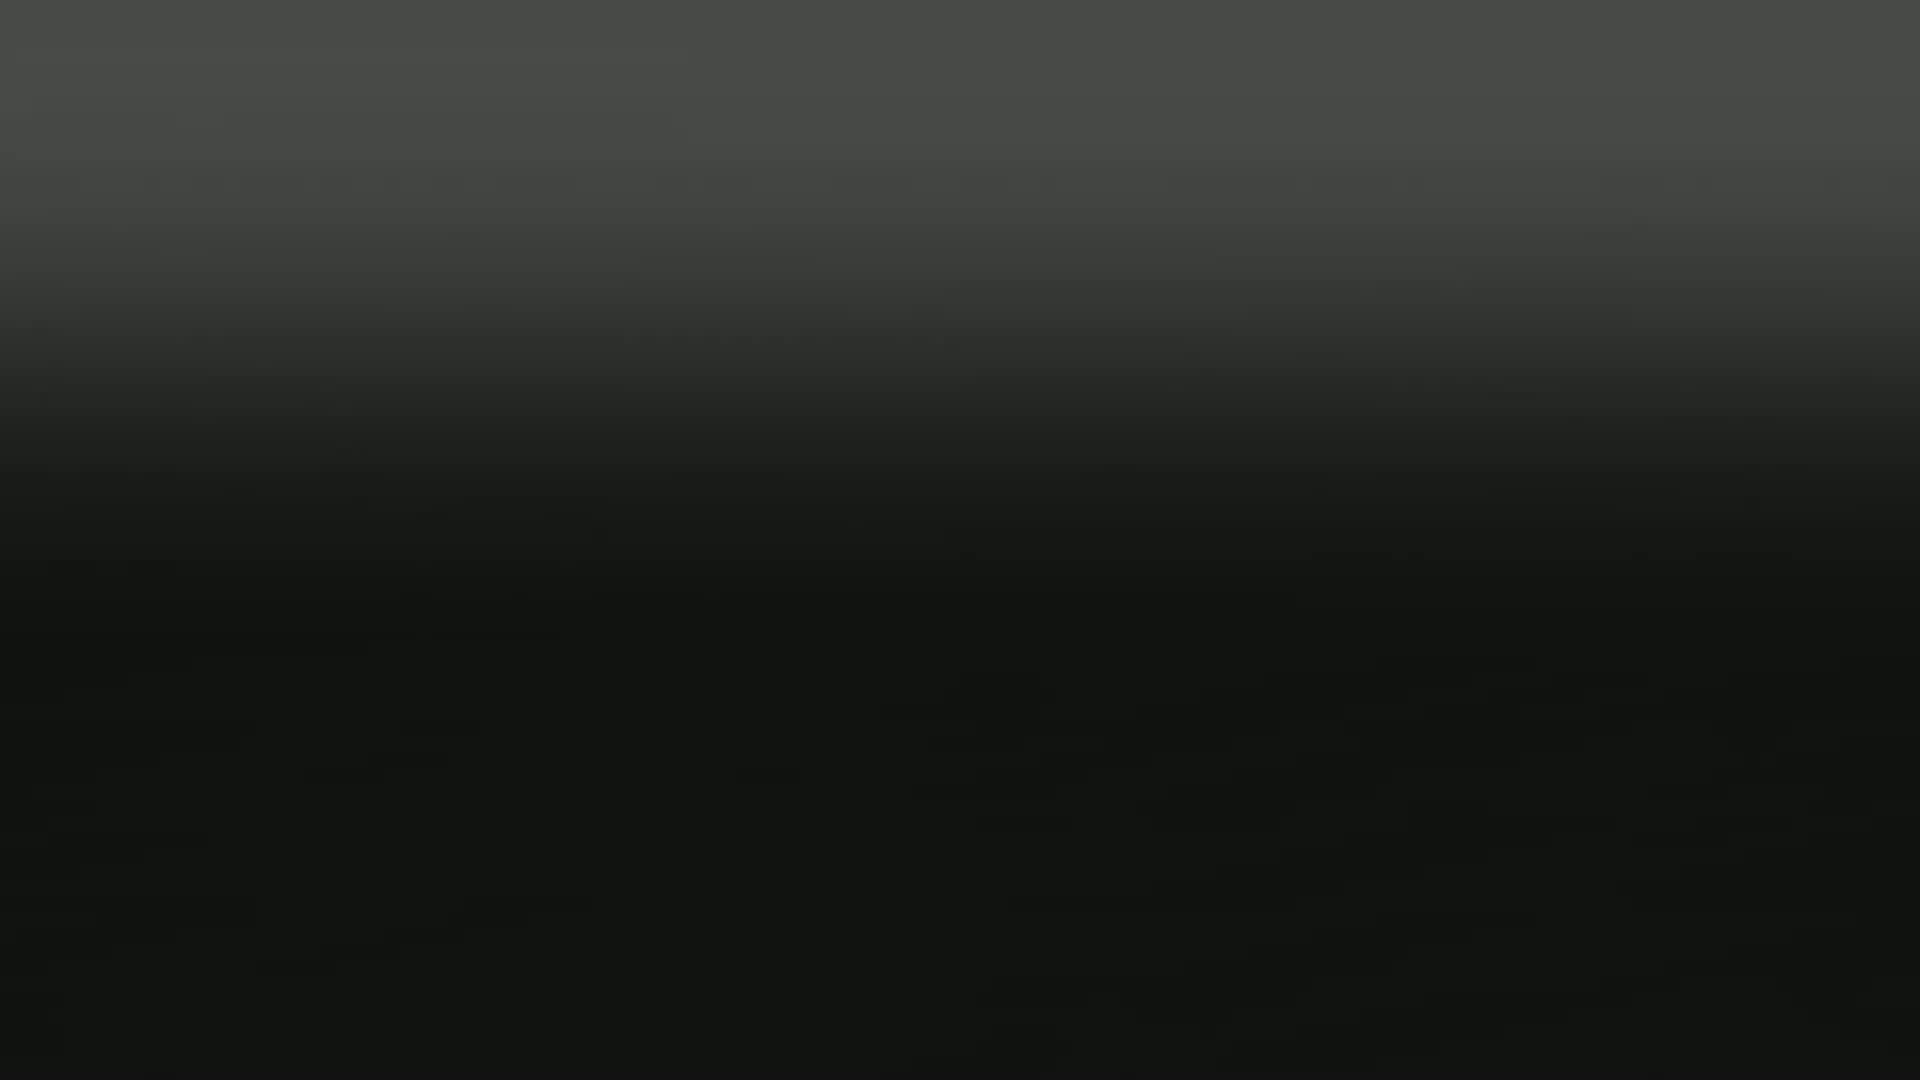 パツキンチャンネルZ Vol.8~水着からハミ出す柔肌欲しがりボディ~ - モナリー【正常位 おもちゃ 中出し 掃除フェラ】